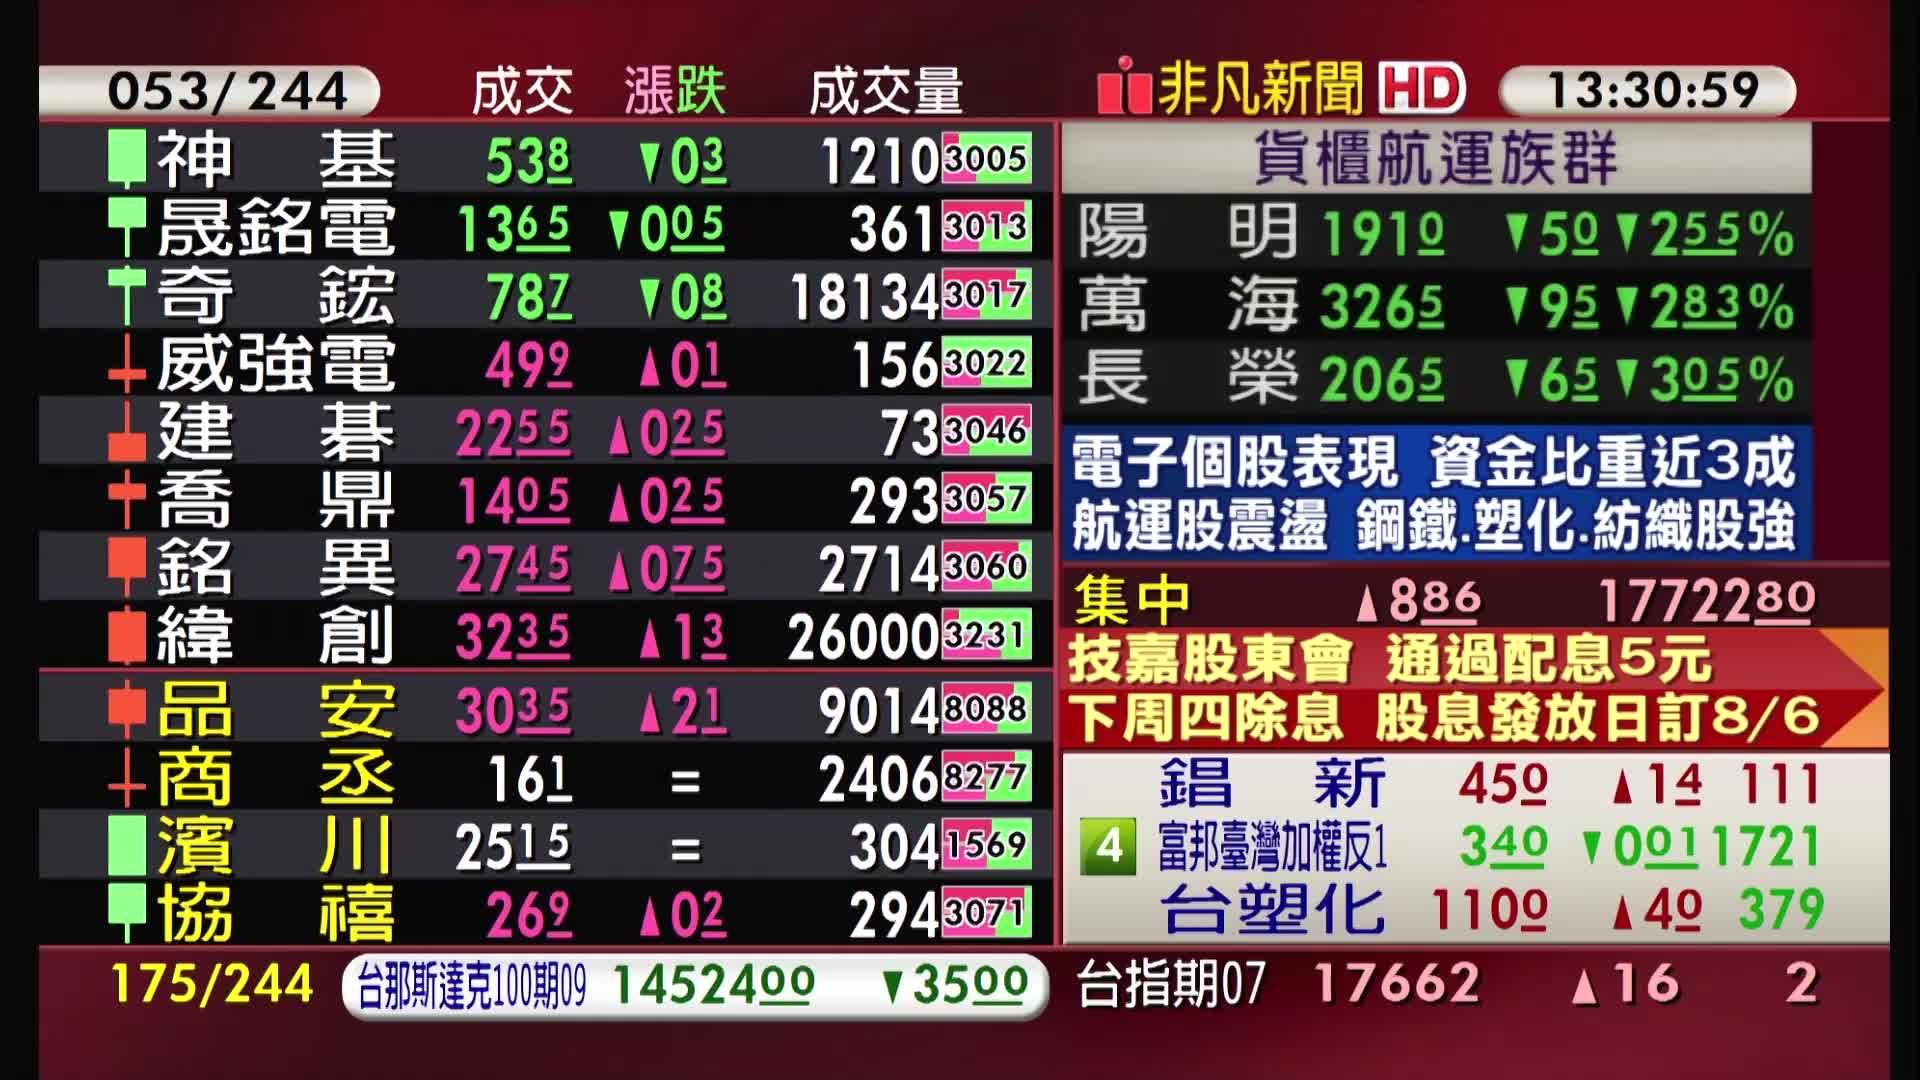 5分鐘看台股/2021/07/02收盤最前線